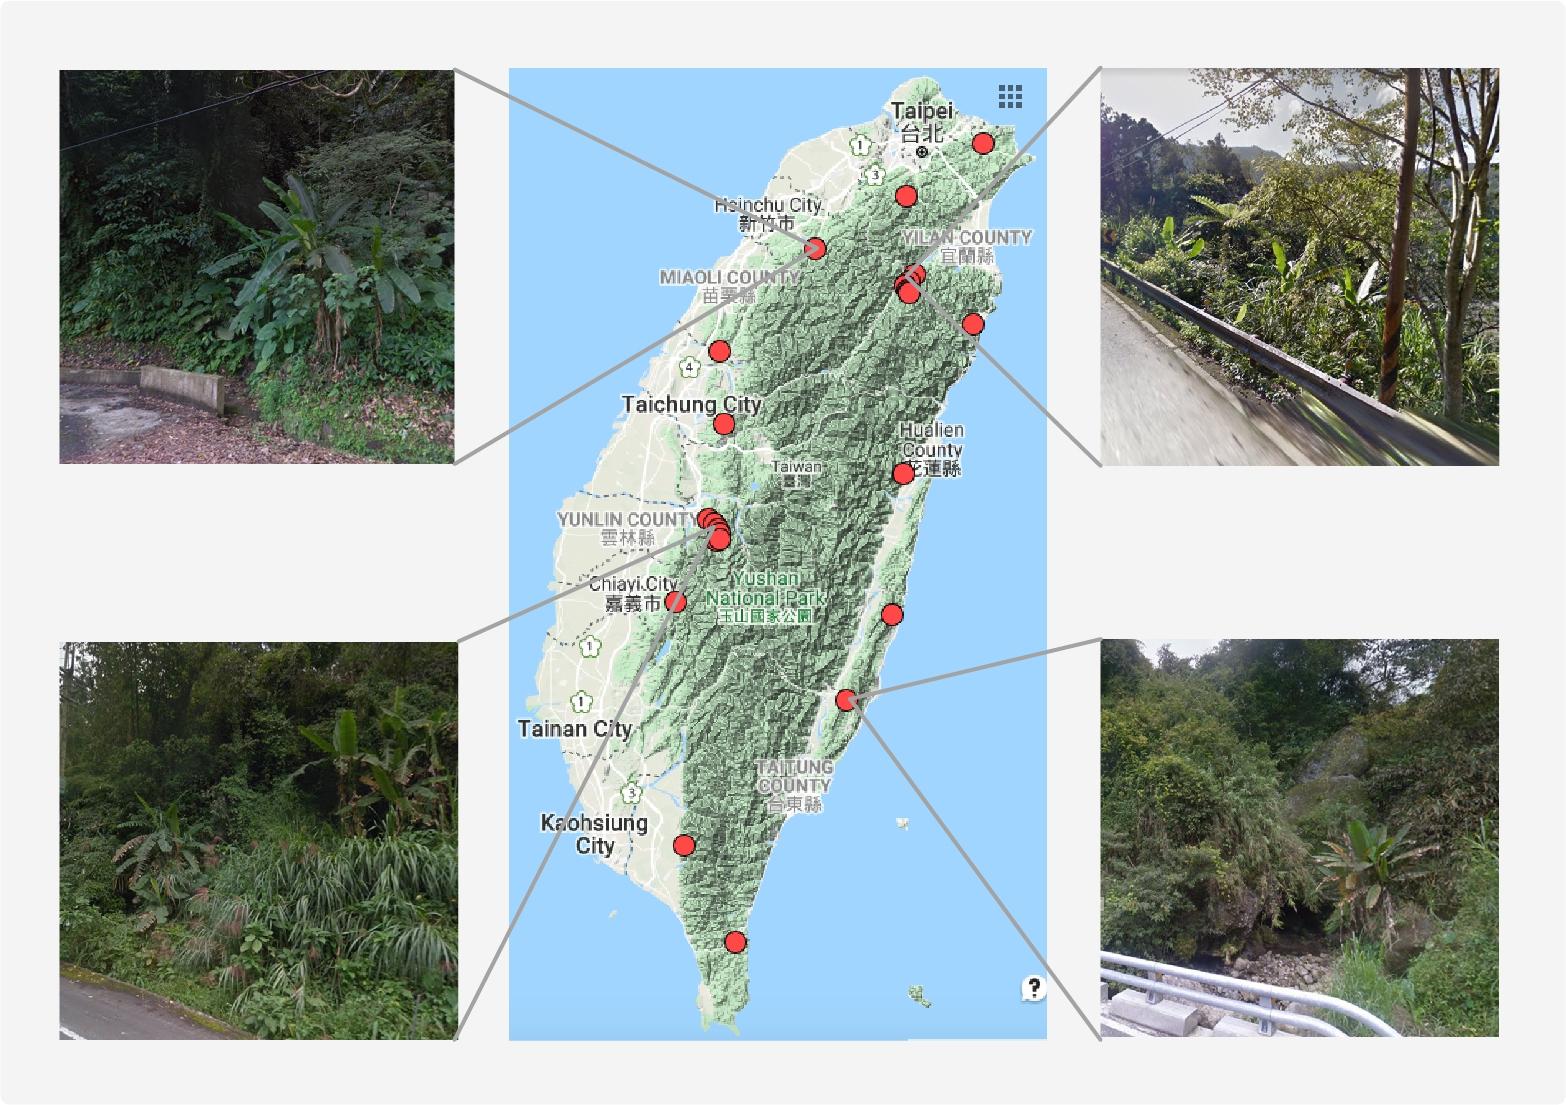 「Google街景」製作芭蕉的分佈網路。(圖/李承叡提供)